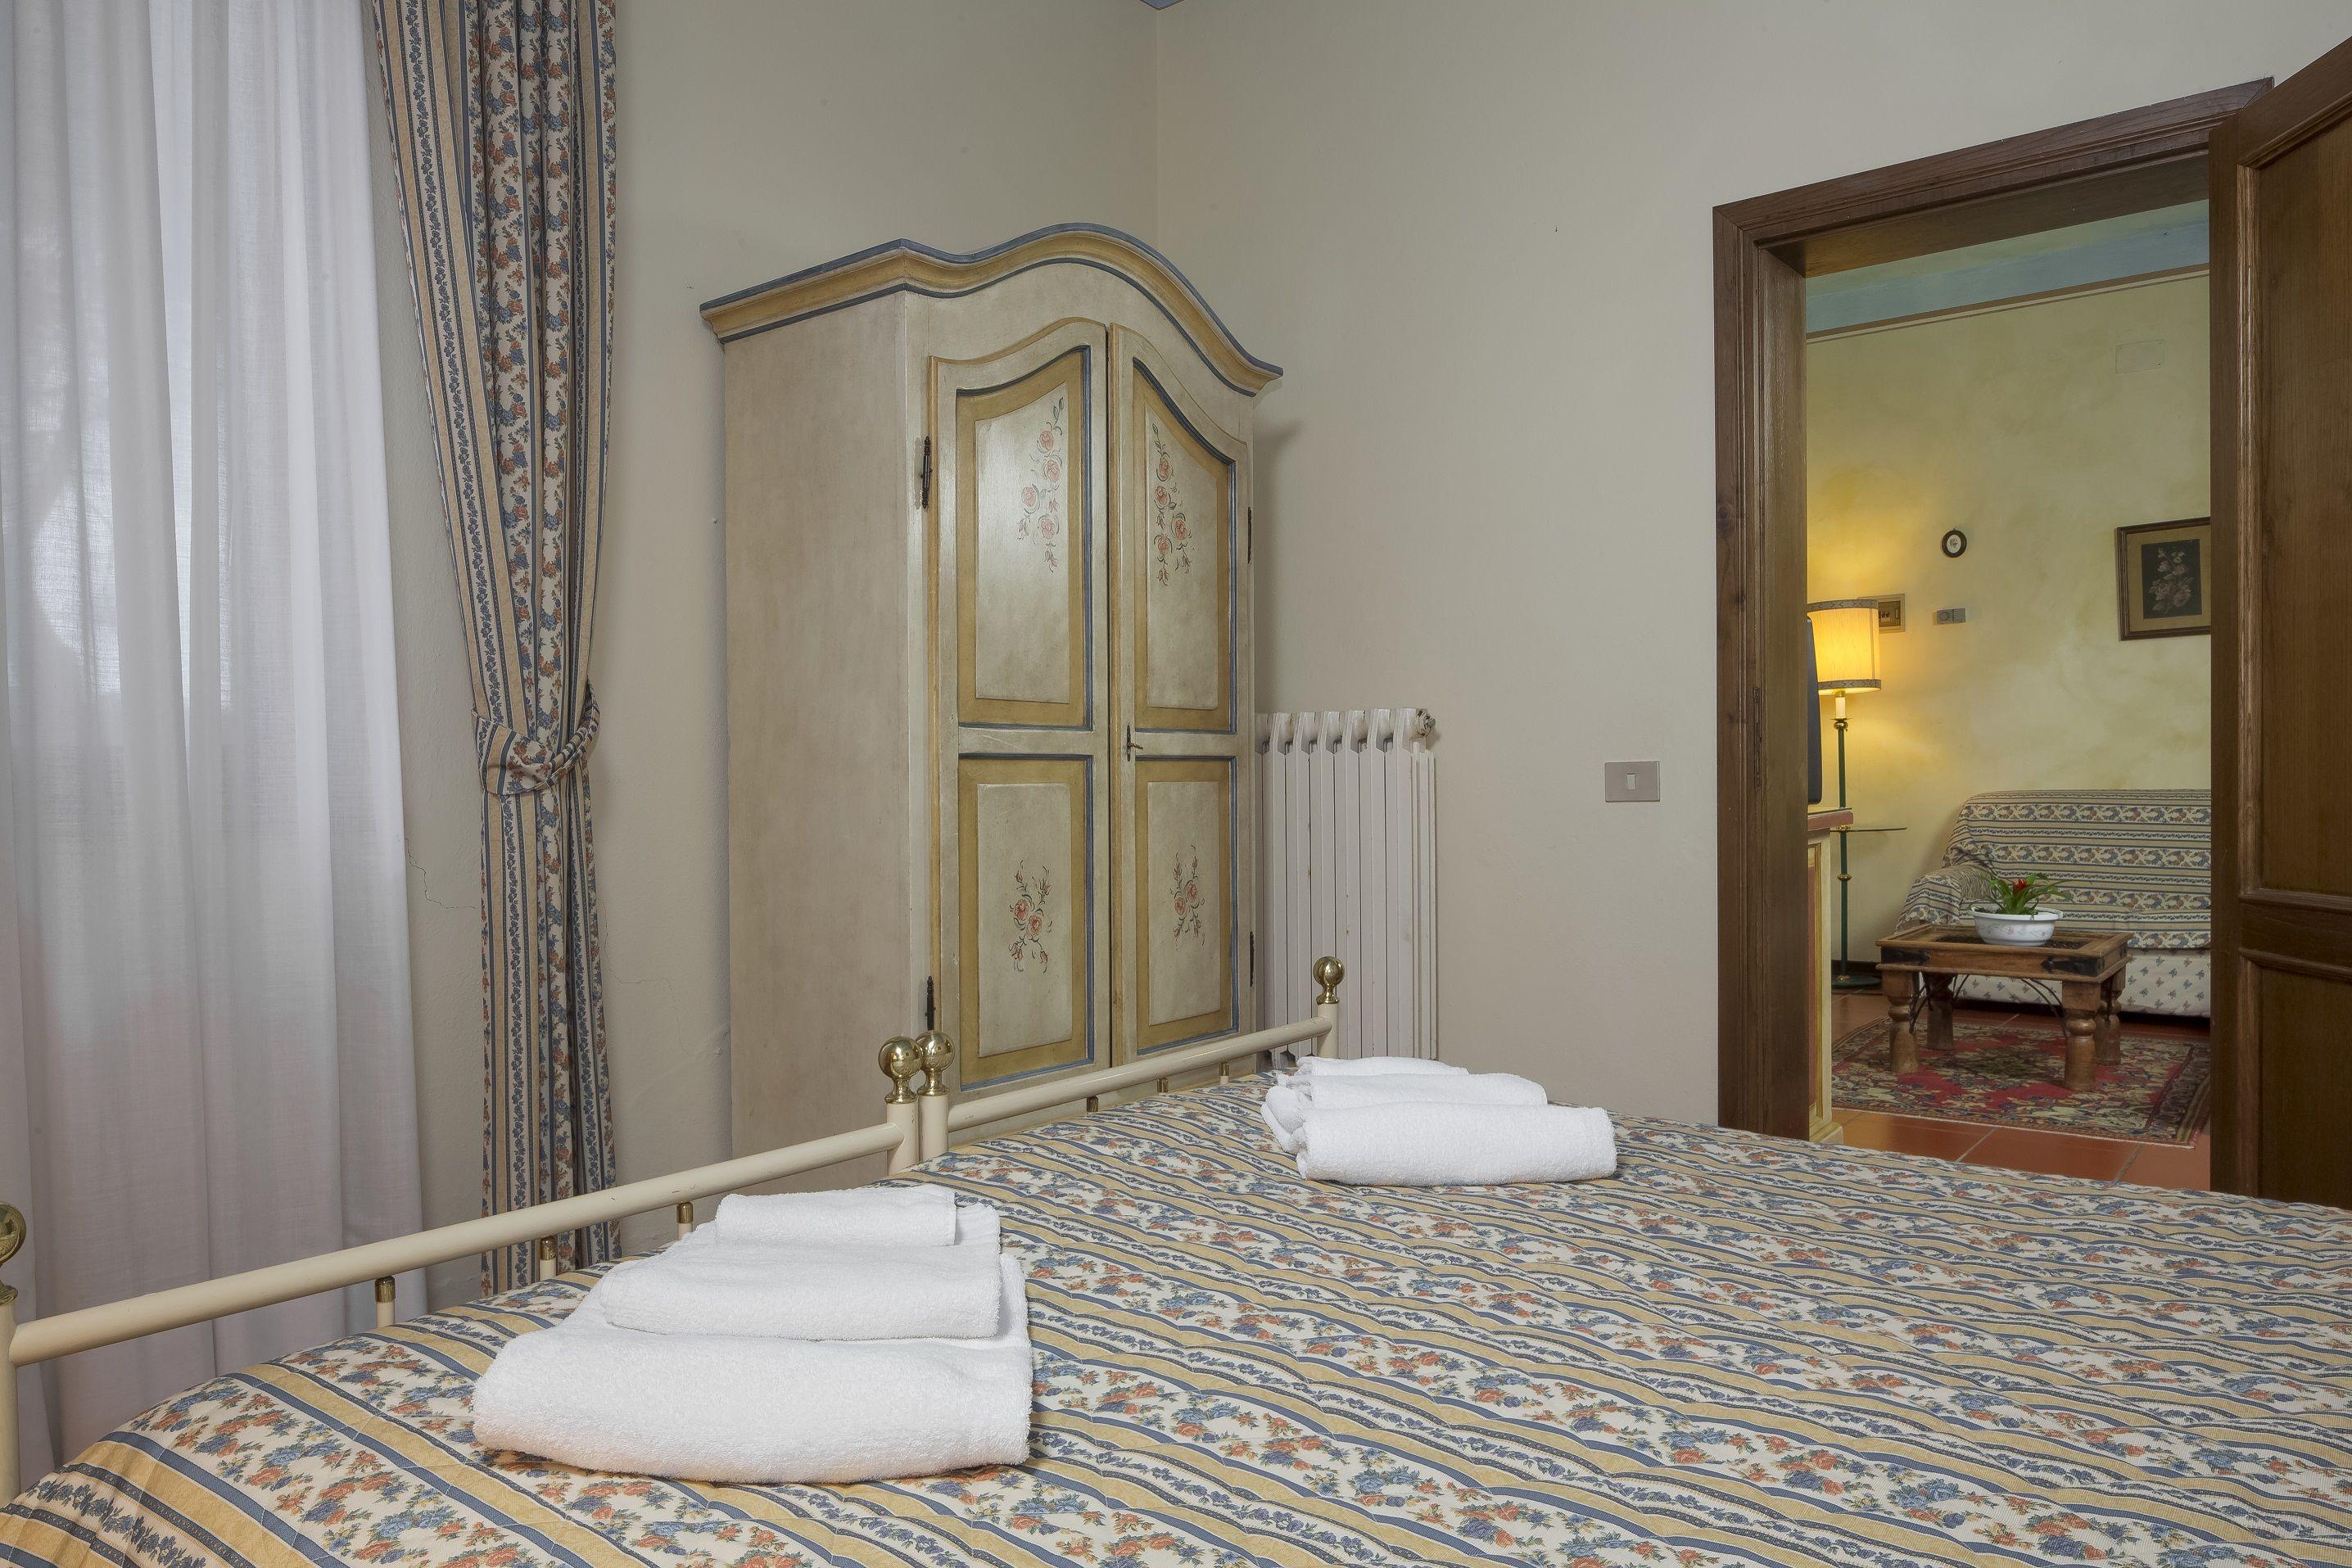 Apartment Bosco Lazzeroni Residence - Nabucco Holiday Home photo 18394600